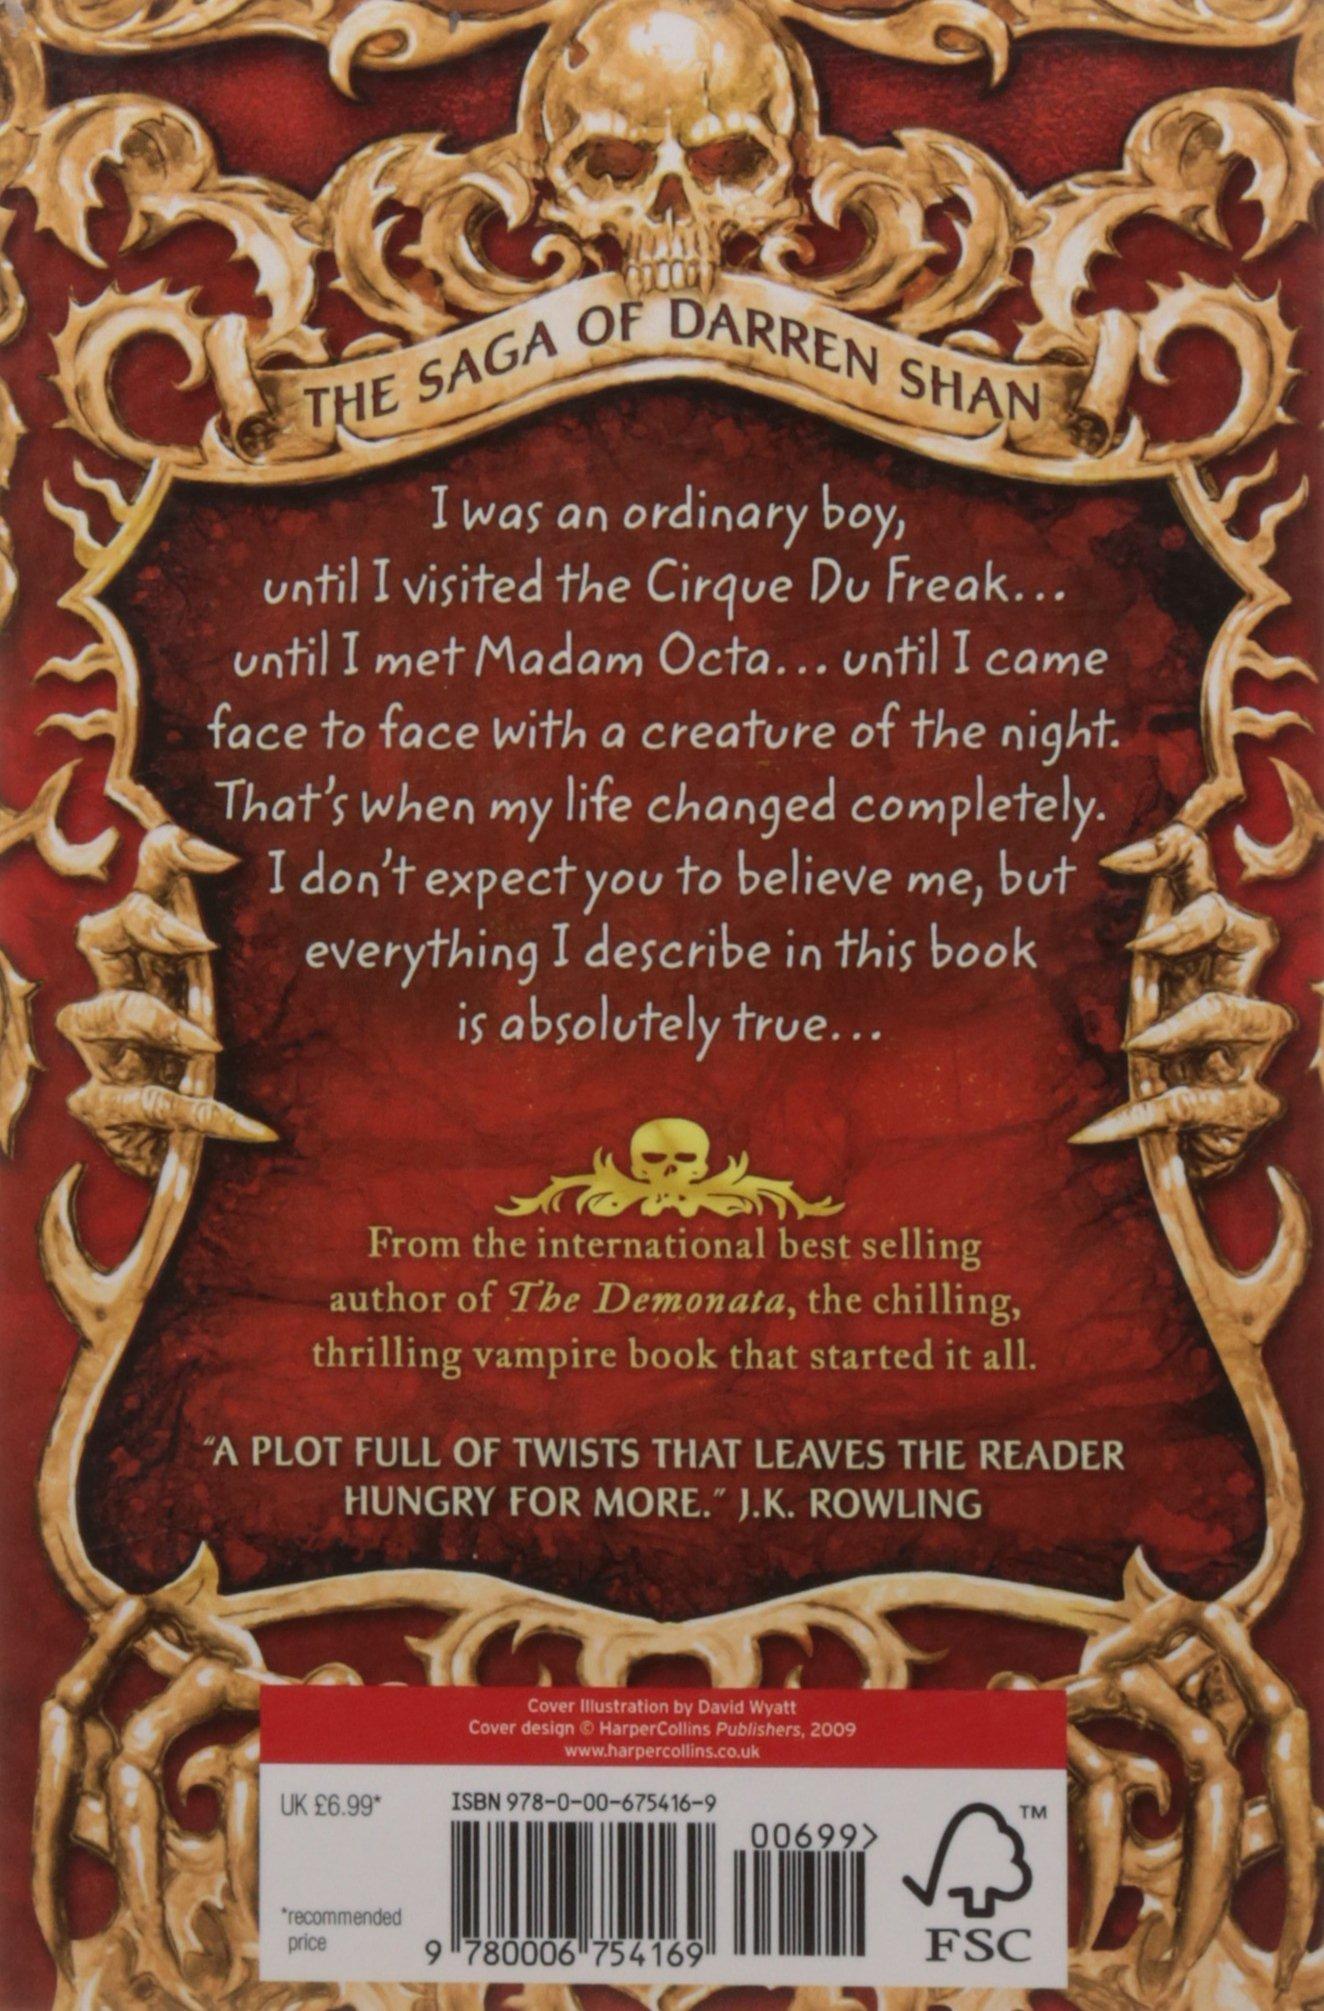 Cirque Du Freak (the Saga Of Darren Shan Book 1): Amazon: Darren  Shan: 9780006754169: Books